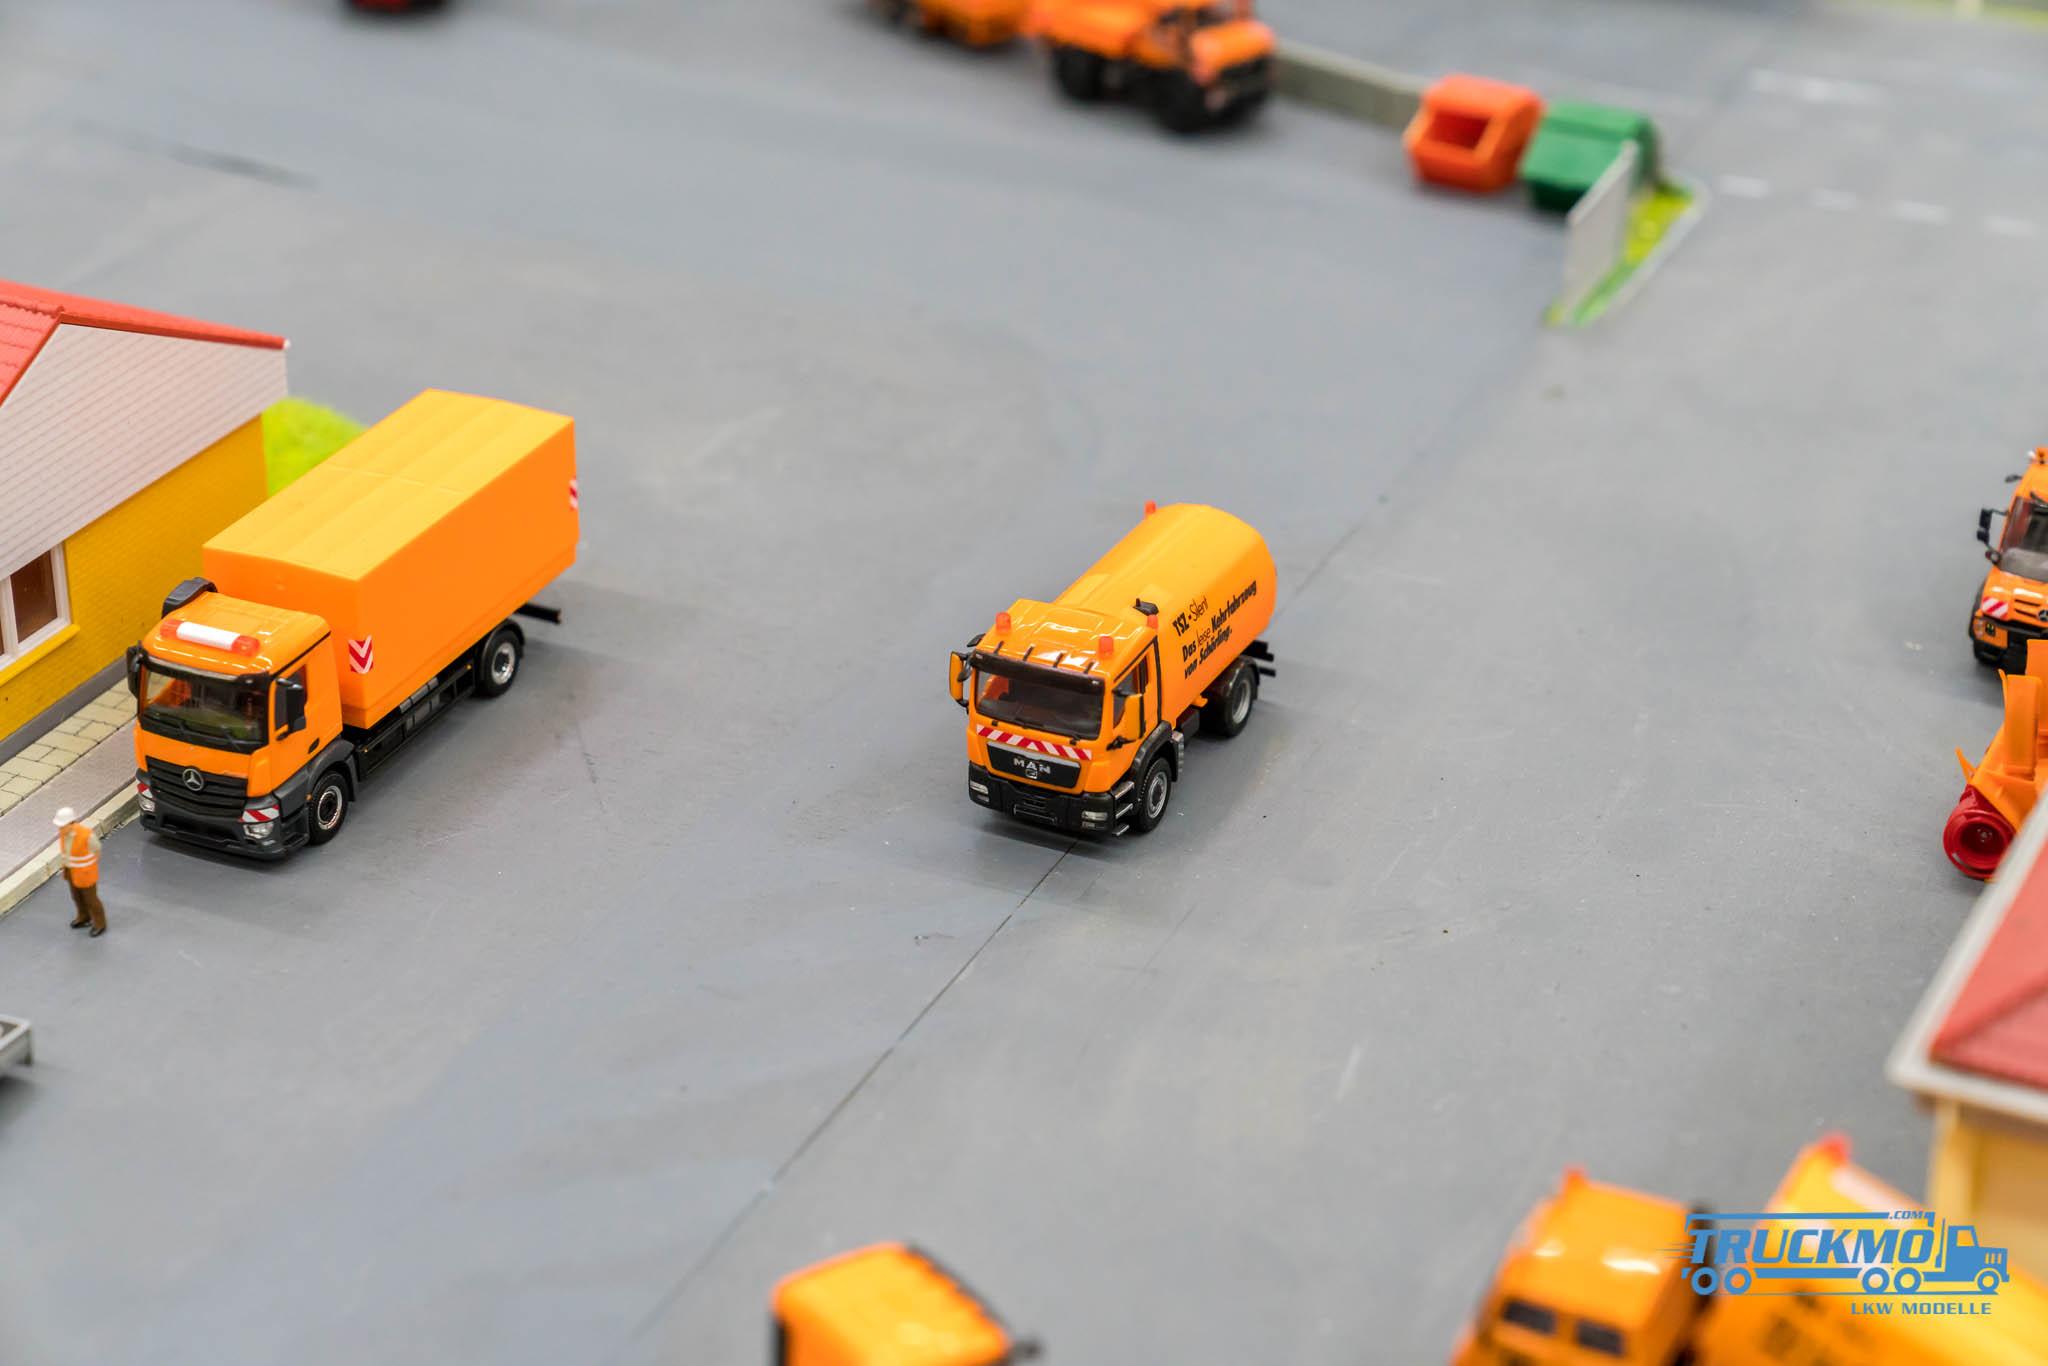 Truckmo_Modellbau_Ried_2017_Herpa_Messe_Modellbauausstellung (146 von 1177)